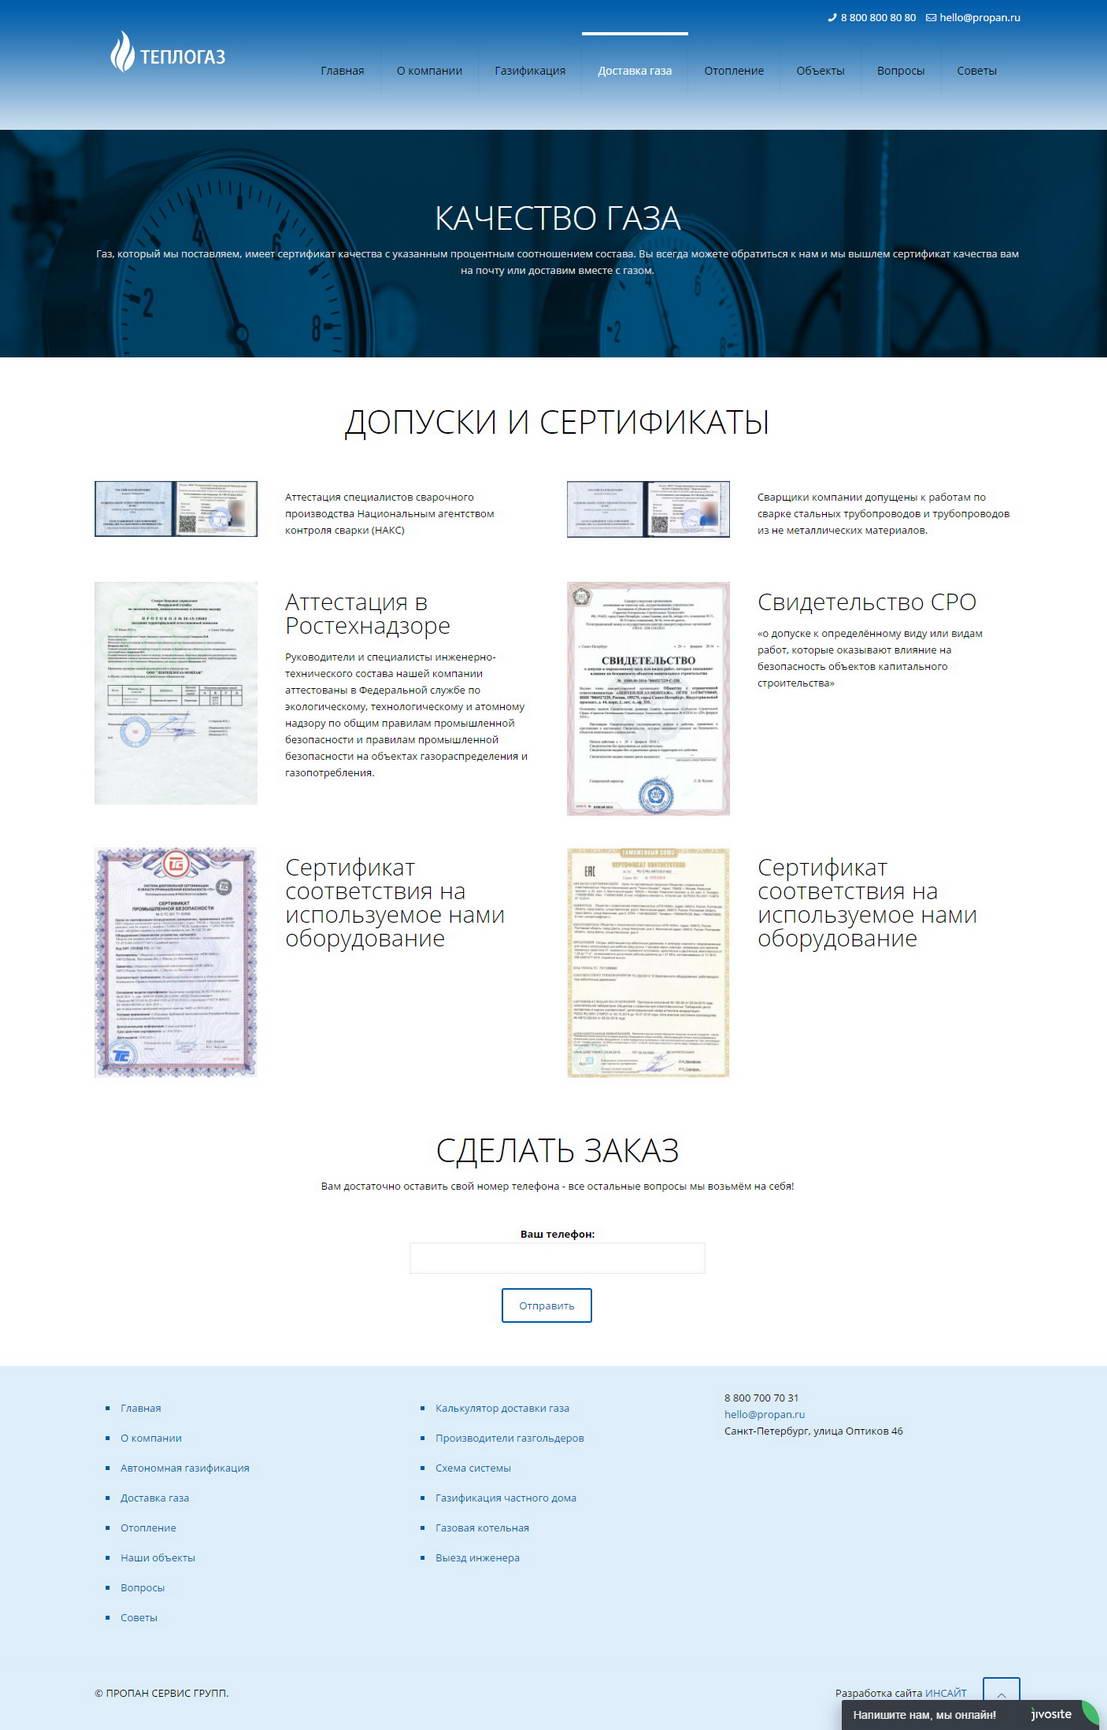 Дизайн, верстка и программирование сайта газовая компания ТЕПЛОГАЗ